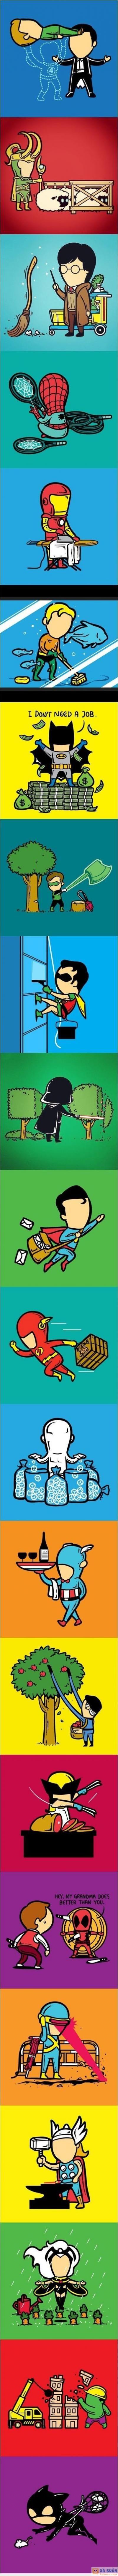 :d  khi các siêu anh hùng đi làm thêm =))  <3 <3   -  haivl | hài hước | hài vl